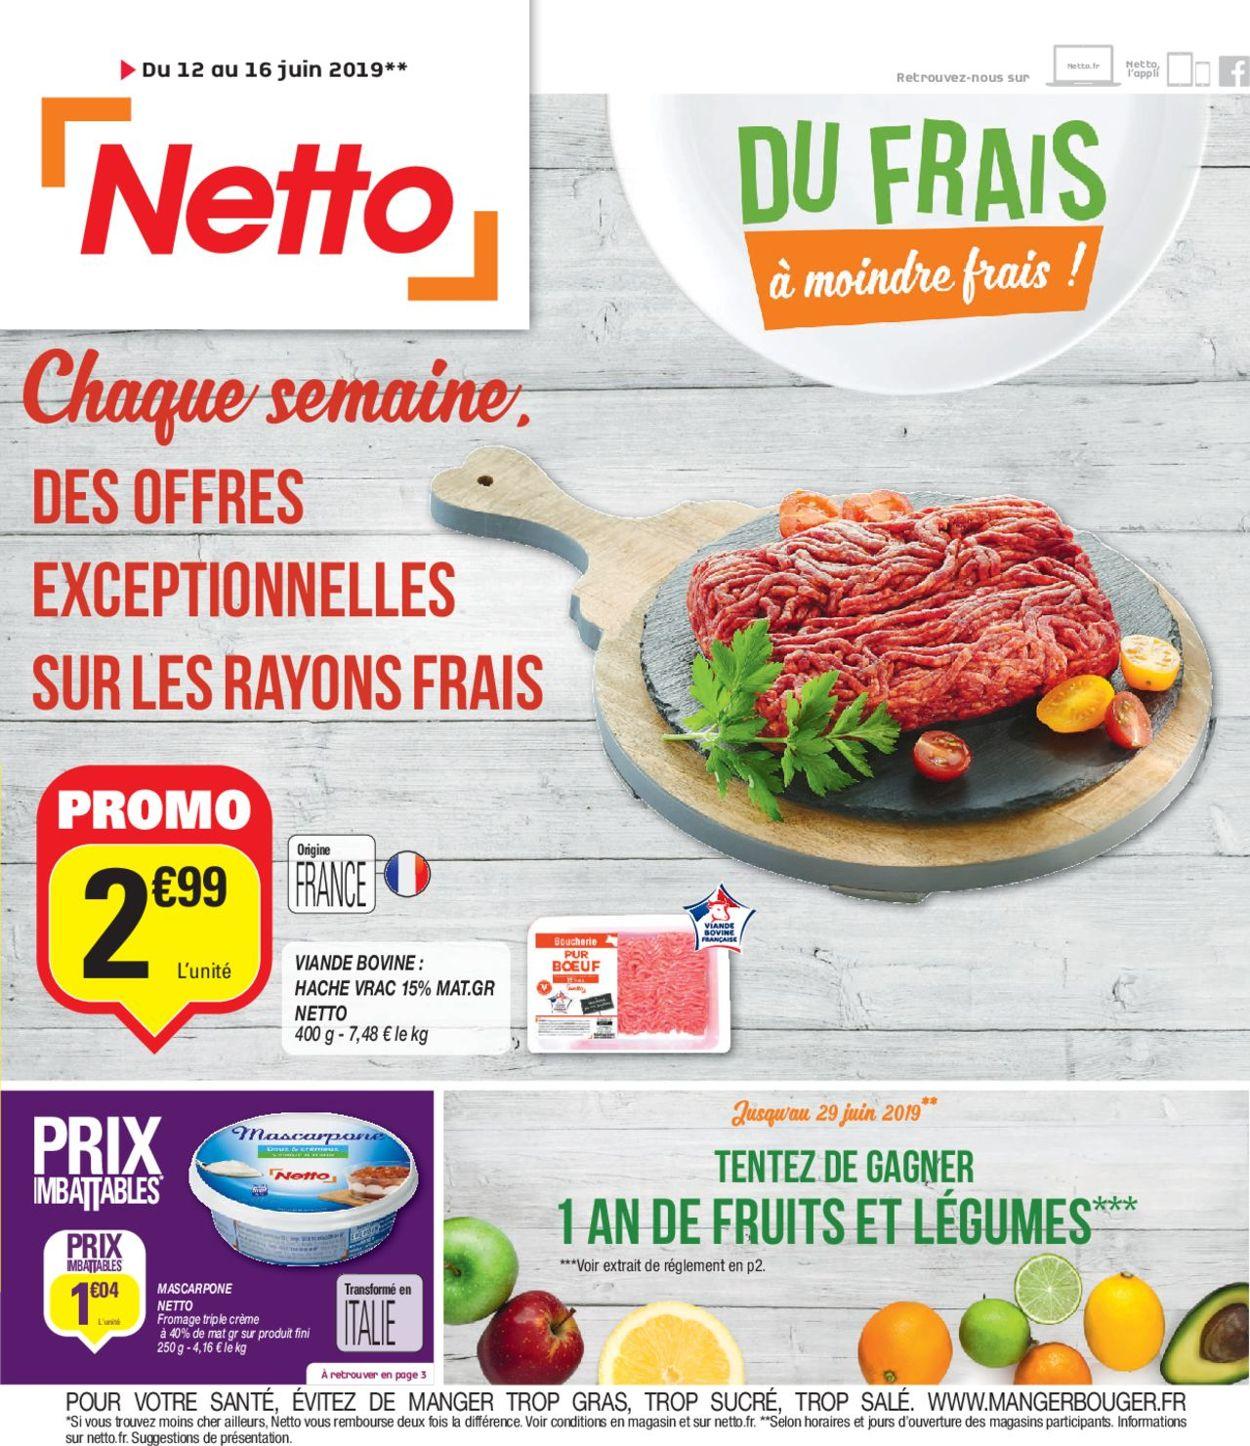 Netto Catalogue - 12.06-16.06.2019